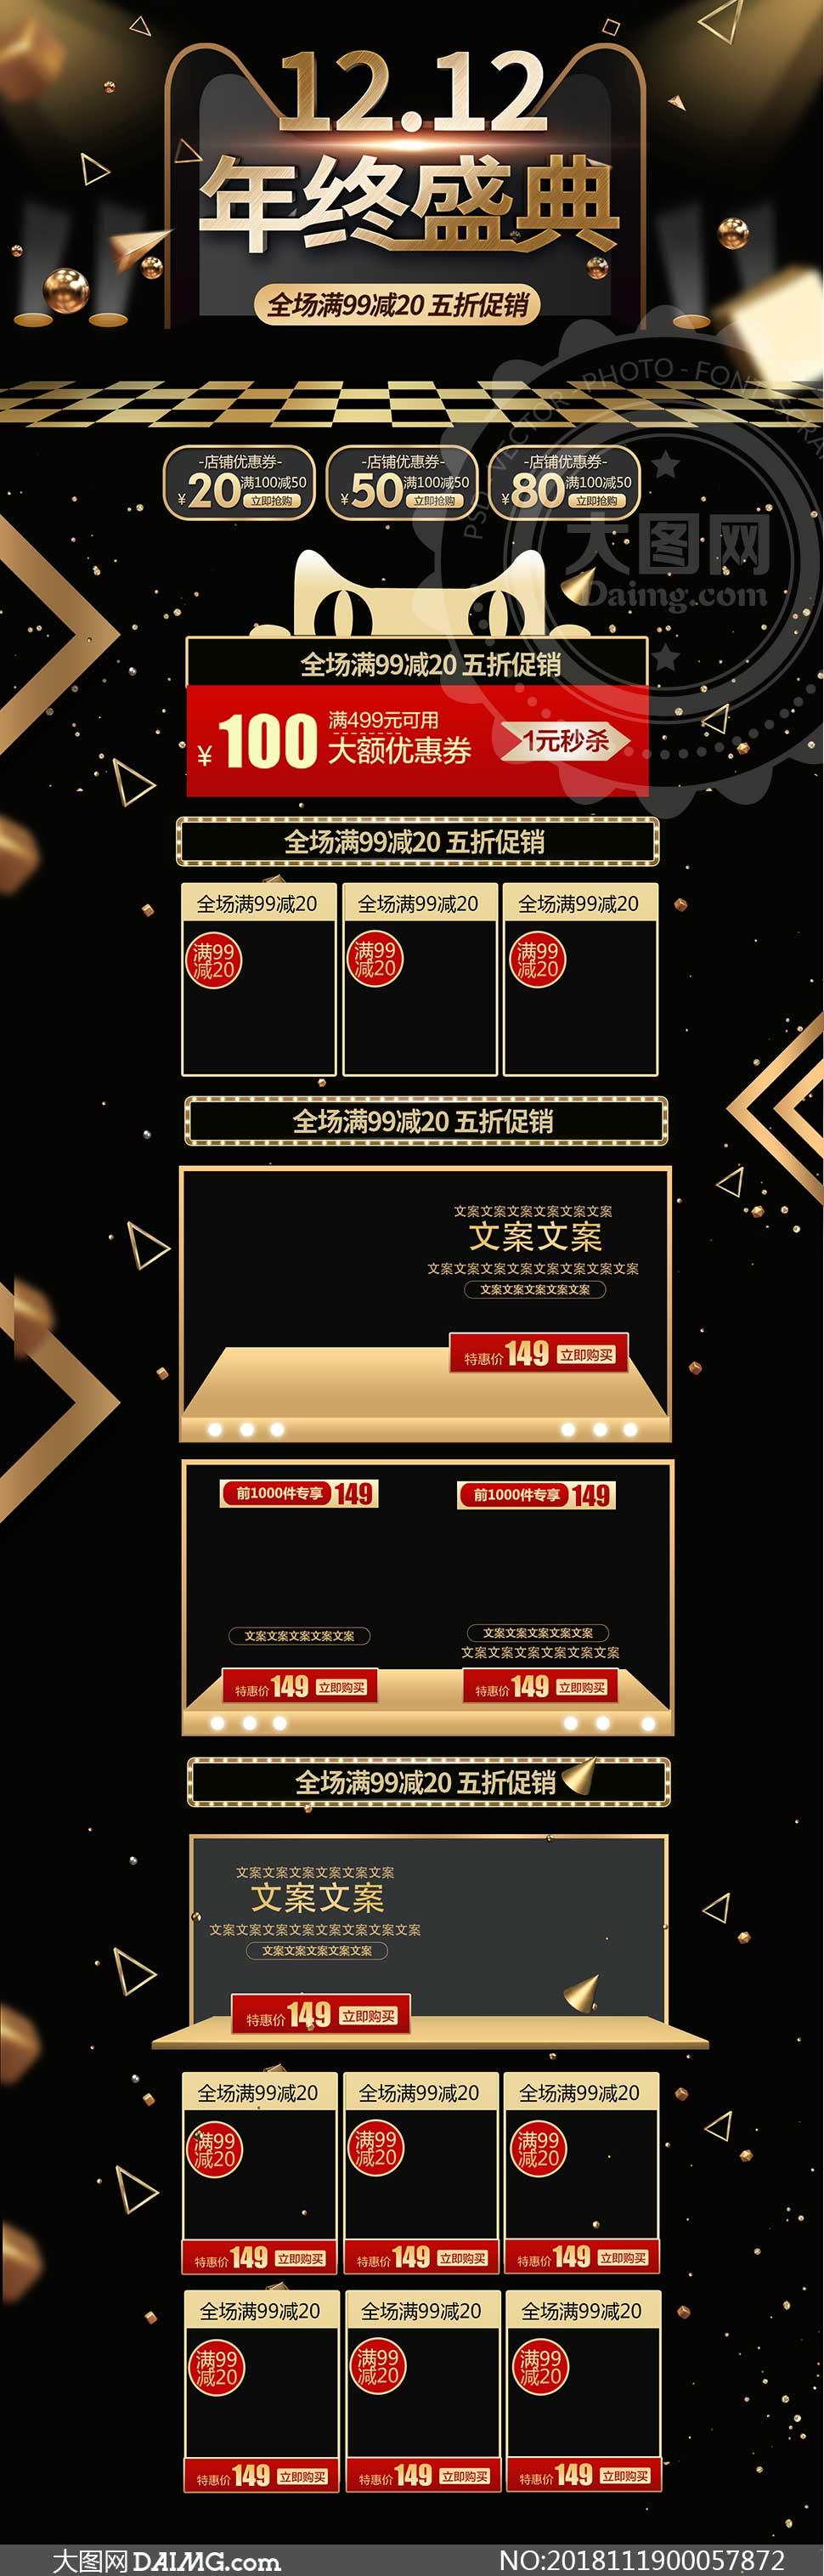 淘寶雙12年終盛典首頁設計PSD素材